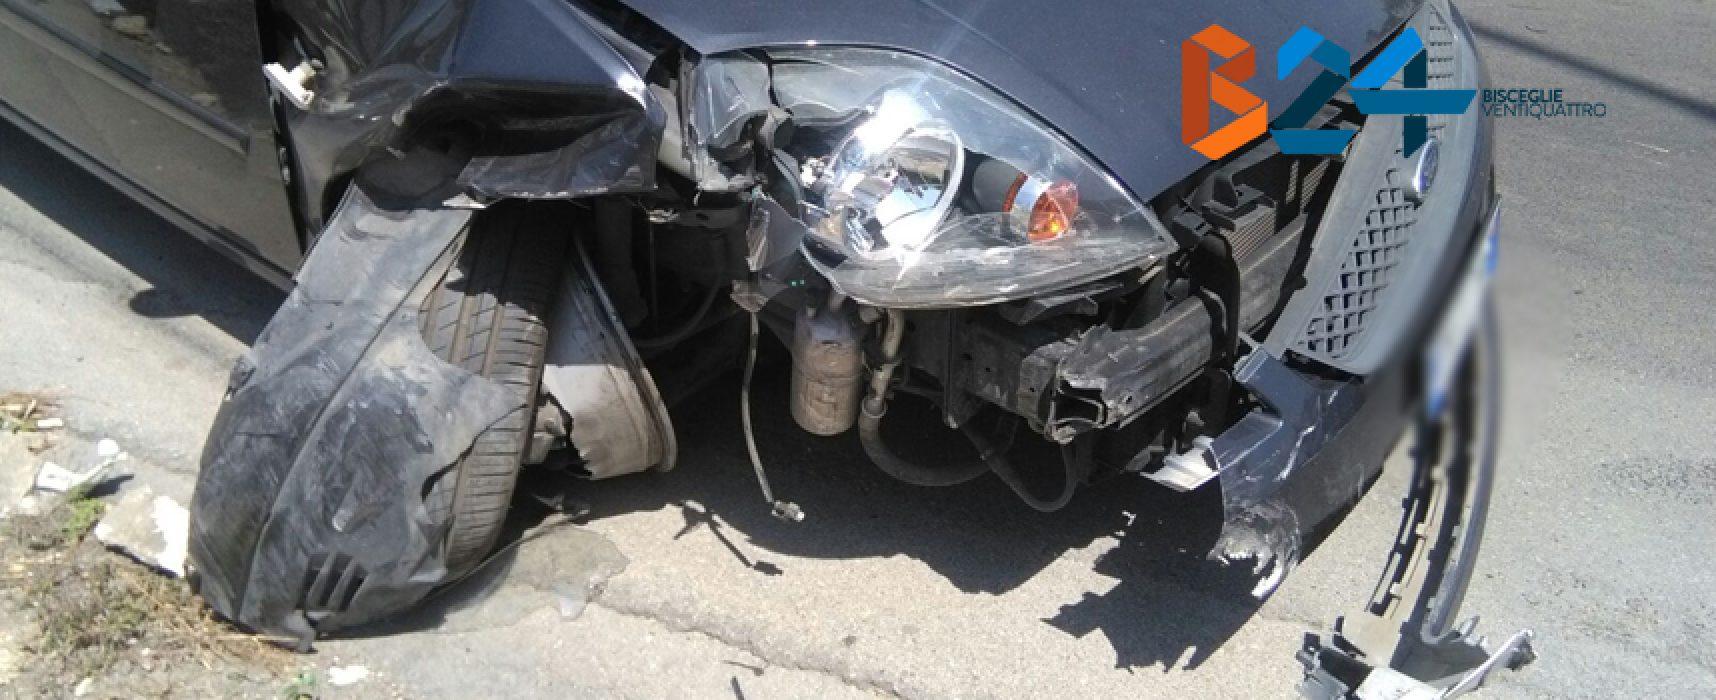 Scontro fra due auto in via Imbriani, nessun ferito